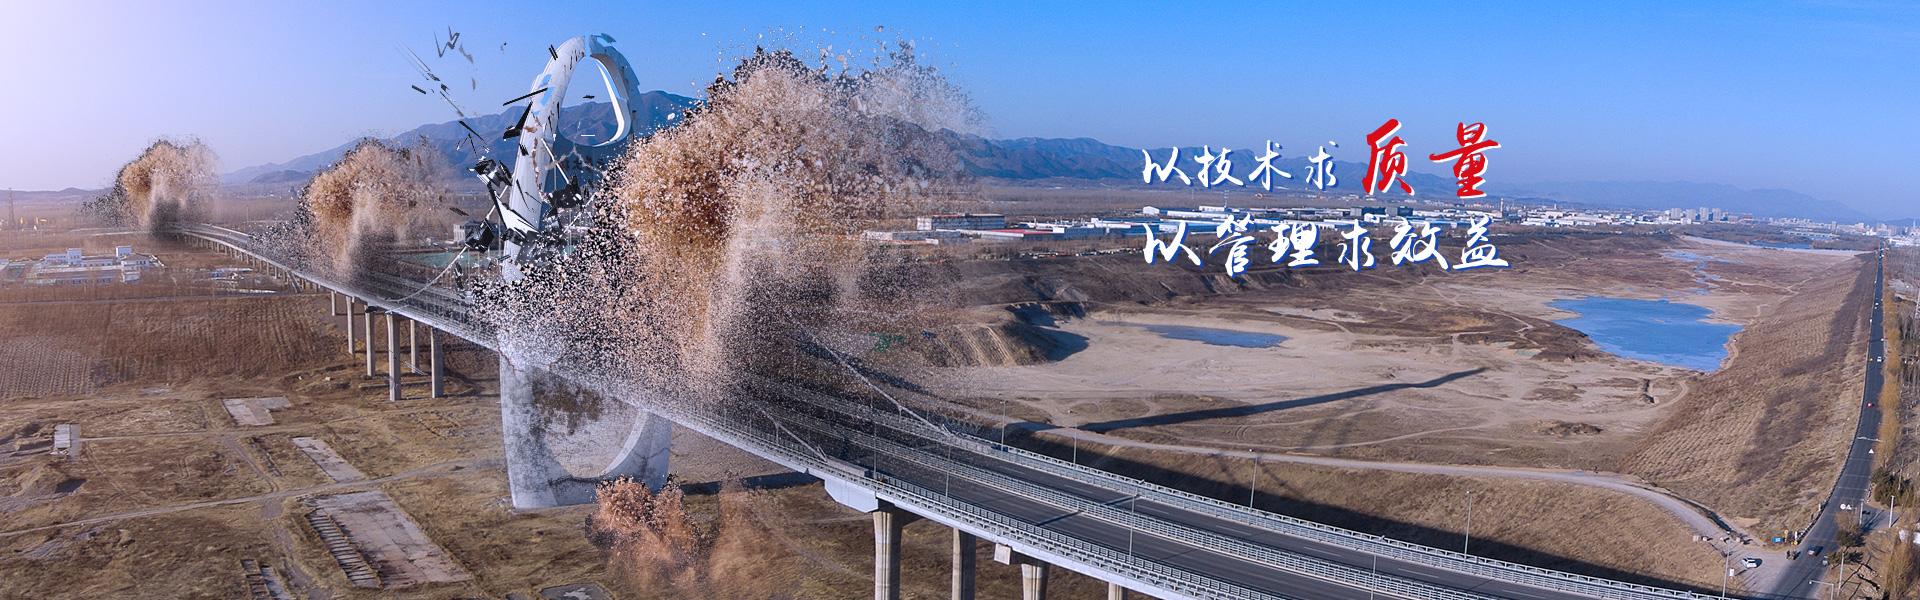 土石方爆破工程